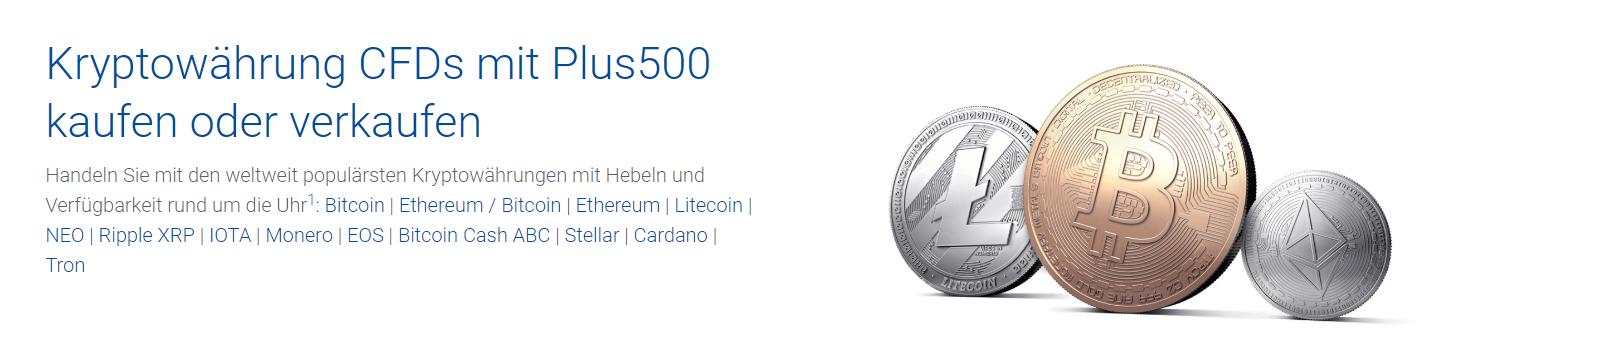 Plus500 ermöglicht den CFD Handel mit Kryptowährungen